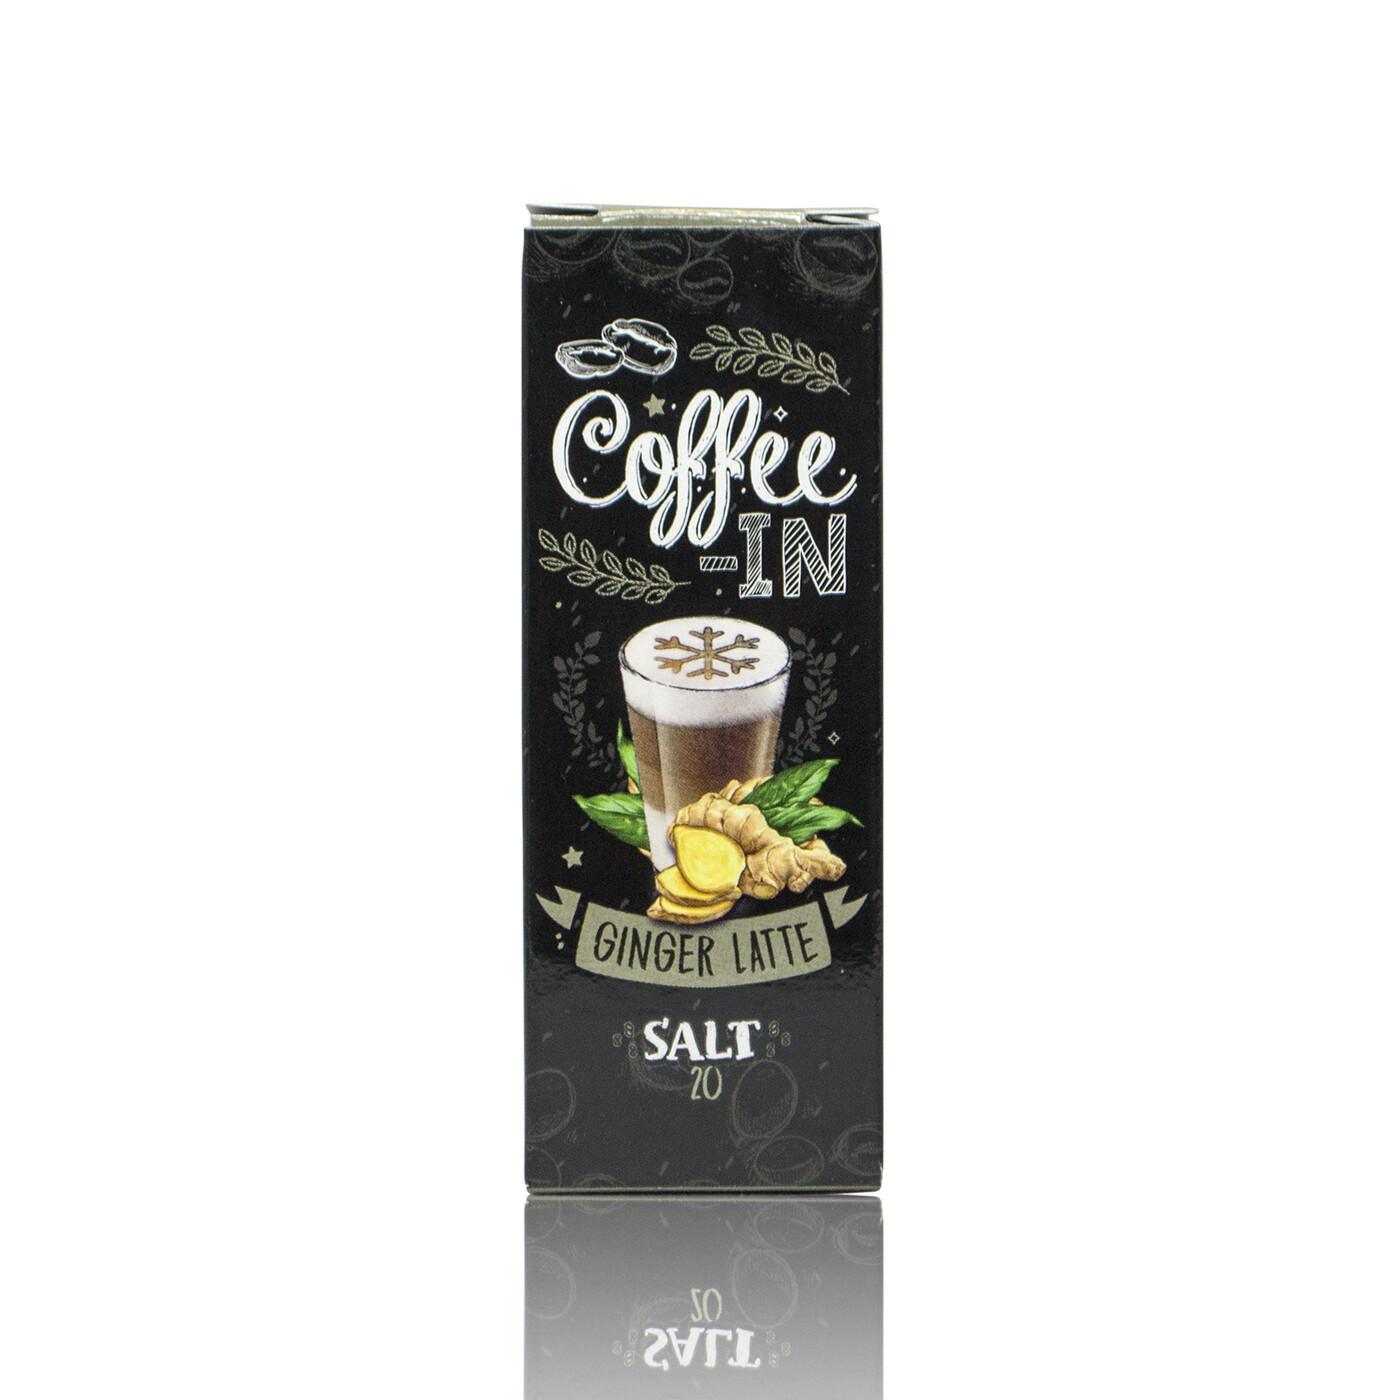 COFFE-IN SALT: GINGER LATTE 20MG